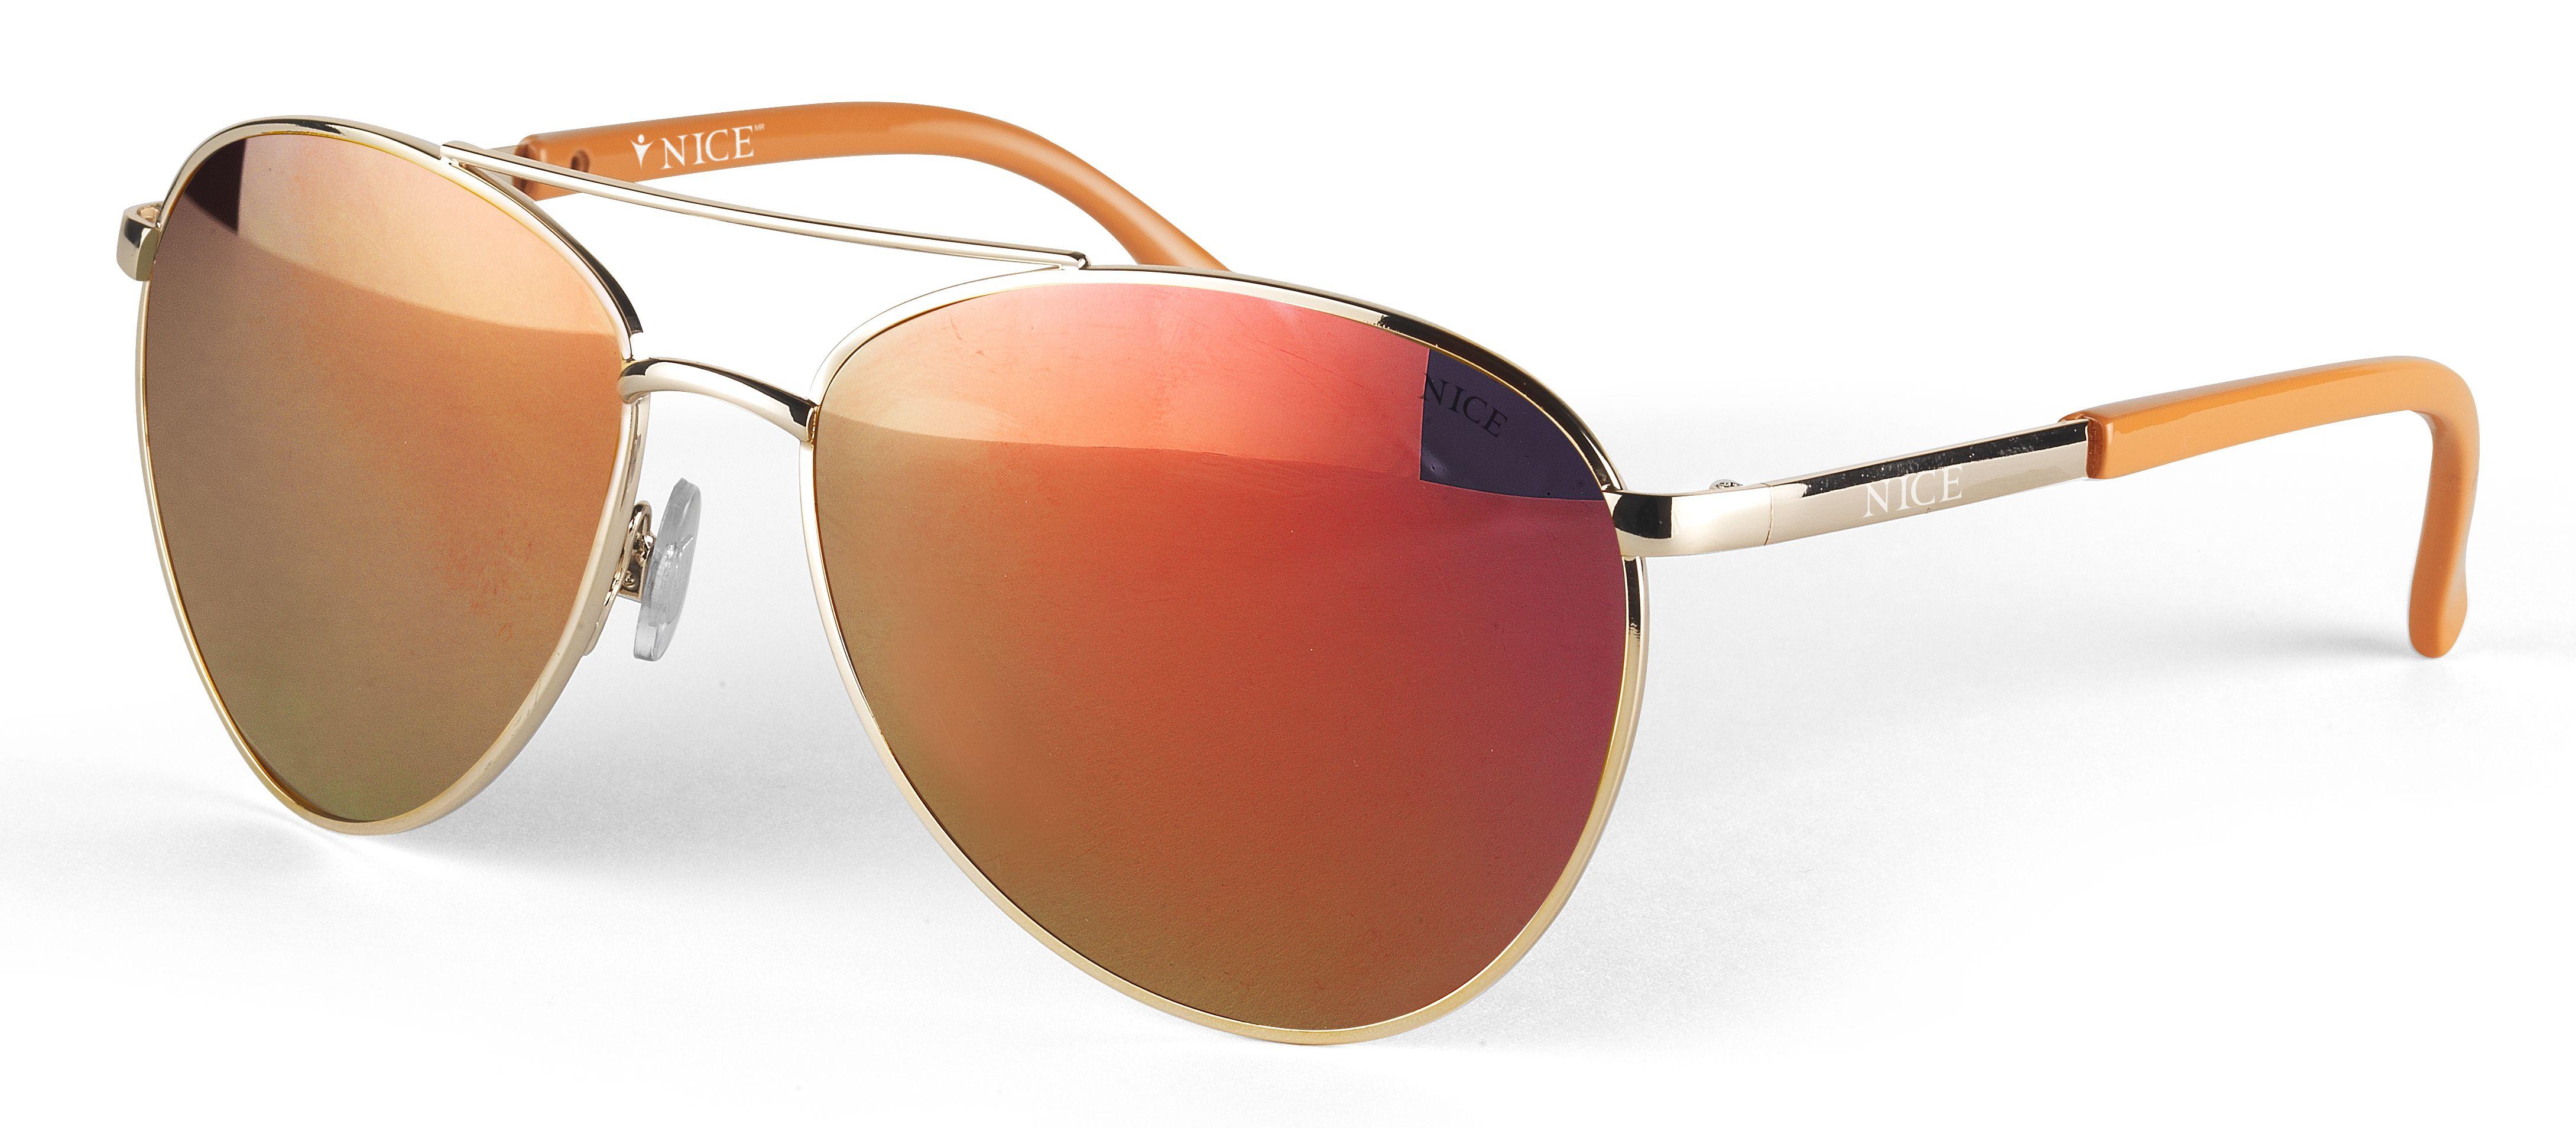 Lentes de sol unisex estilo aviador con montura plateada y naranja ... f680e9518597